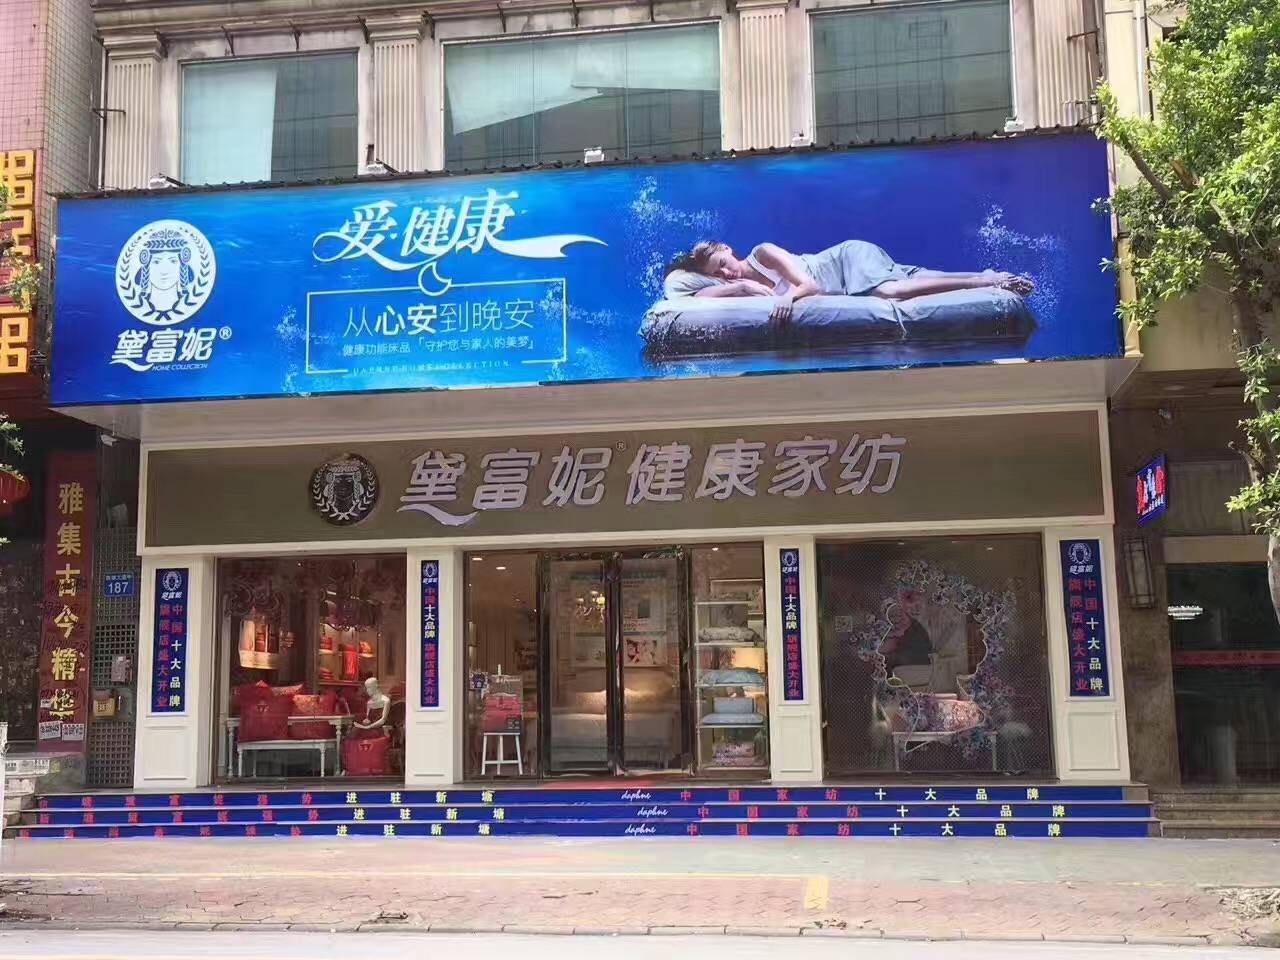 广东新塘店面风采